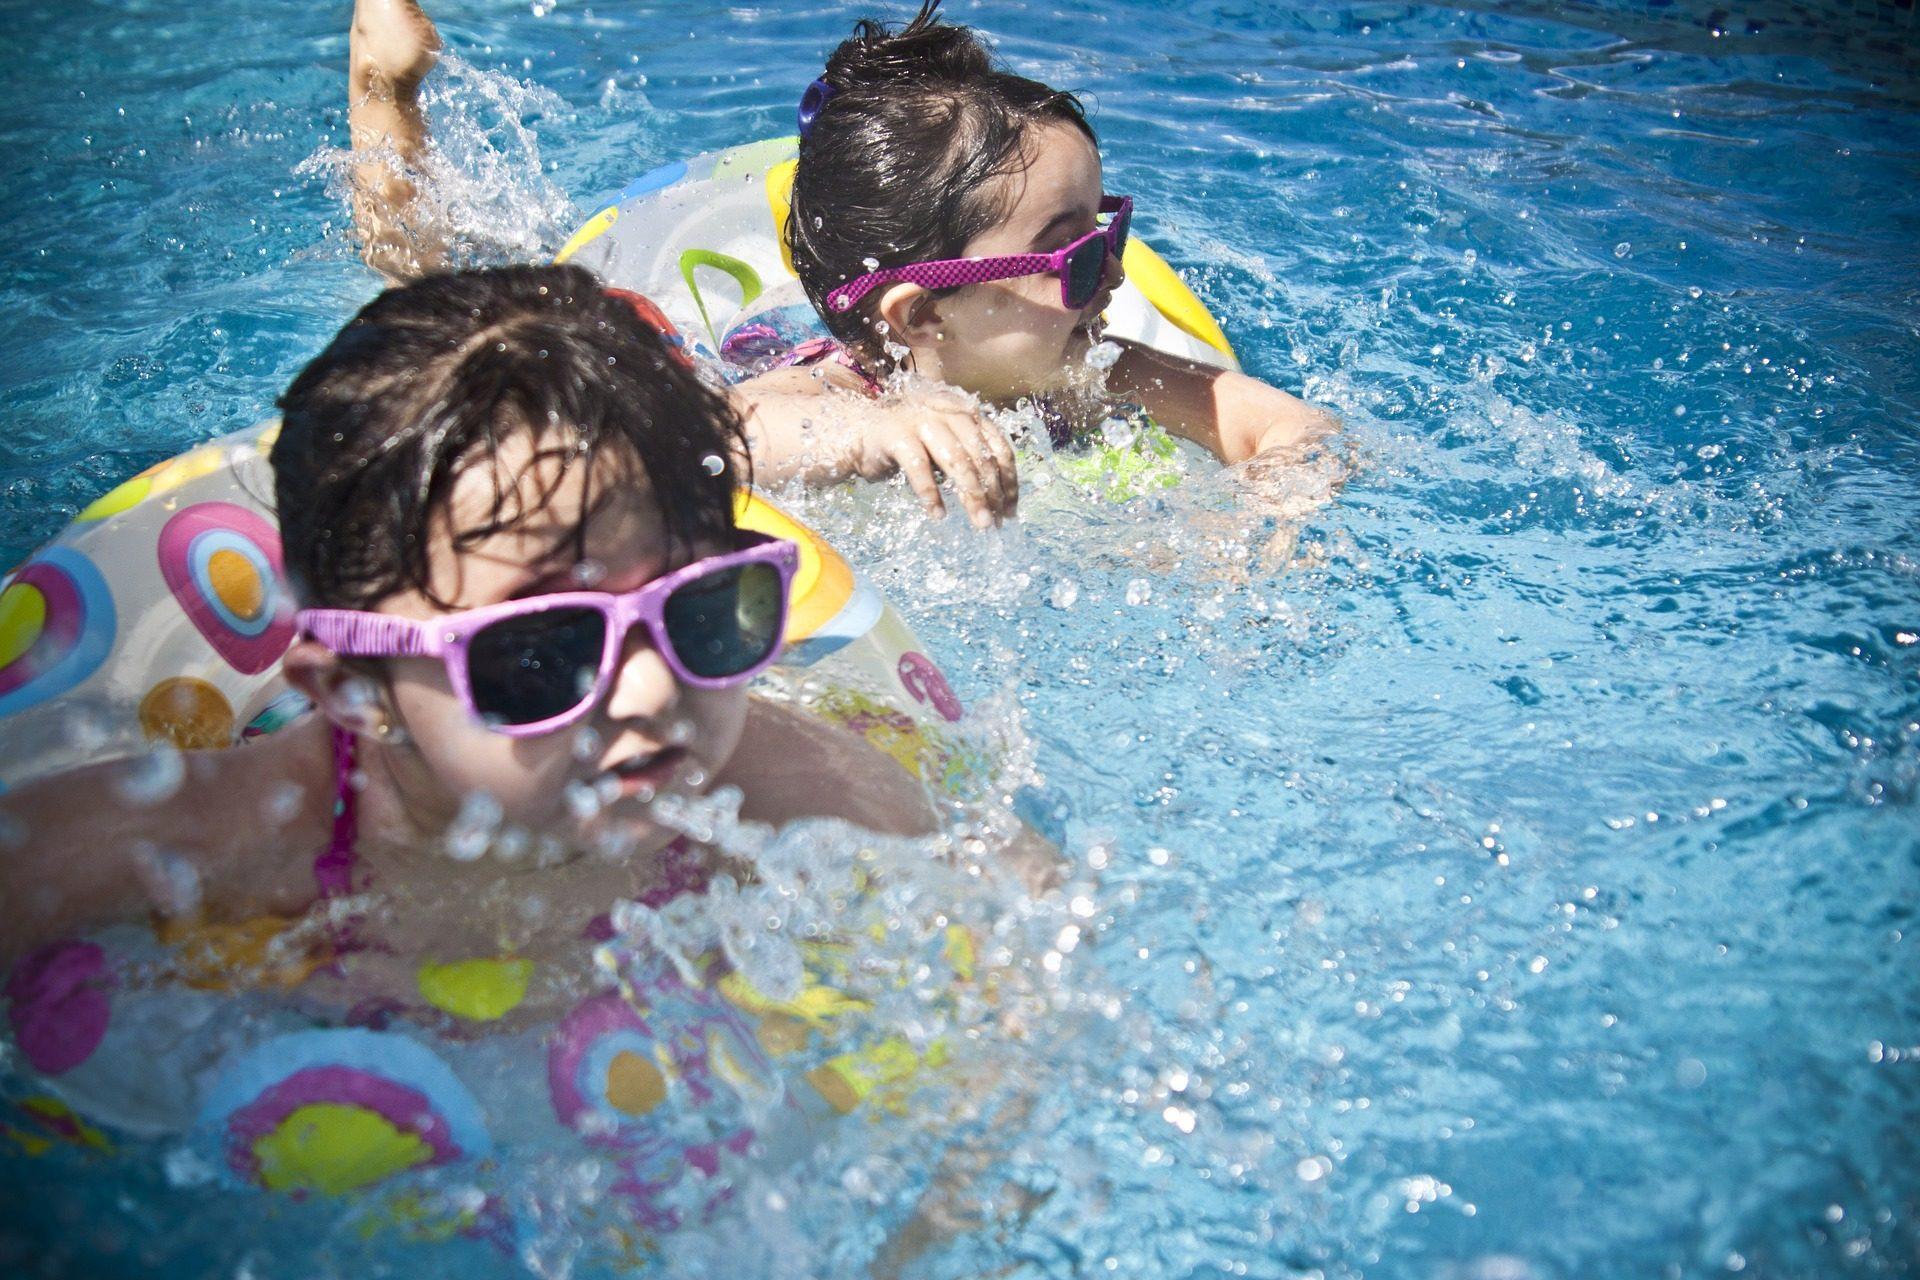 Condomínios com piscina: dicas para um melhor uso por todos